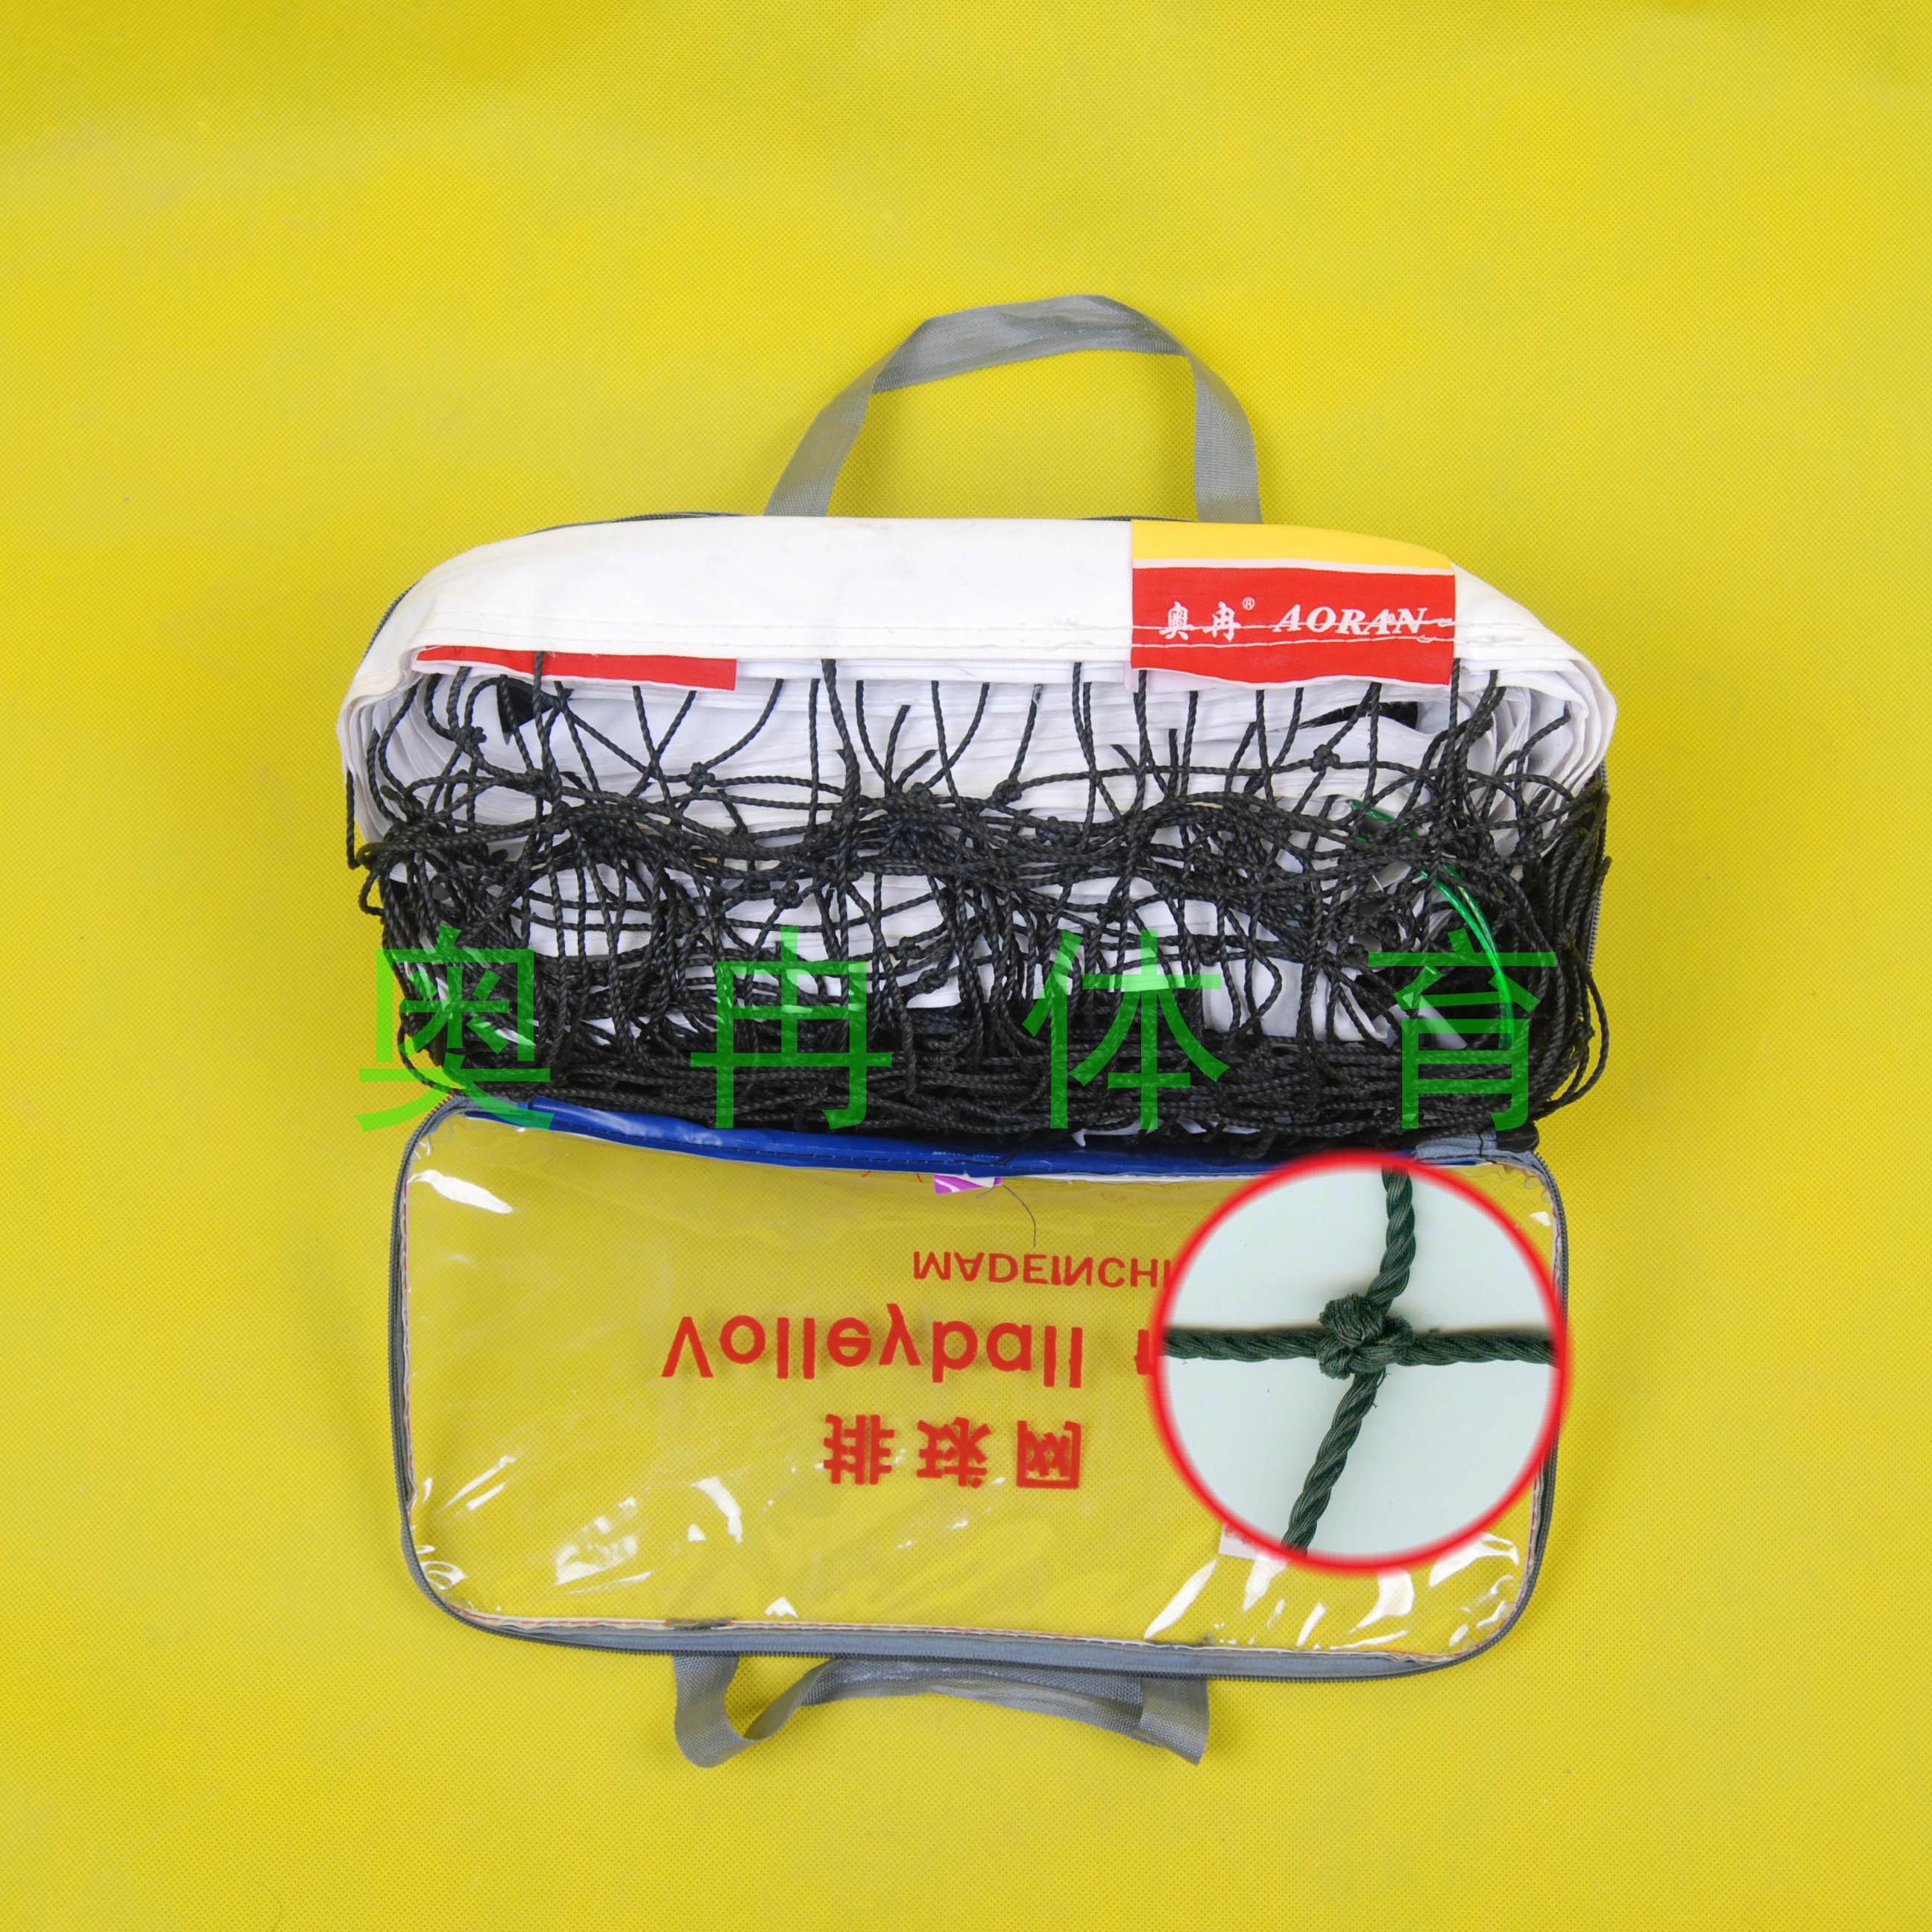 奥冉排球网AR-P002专业排球网